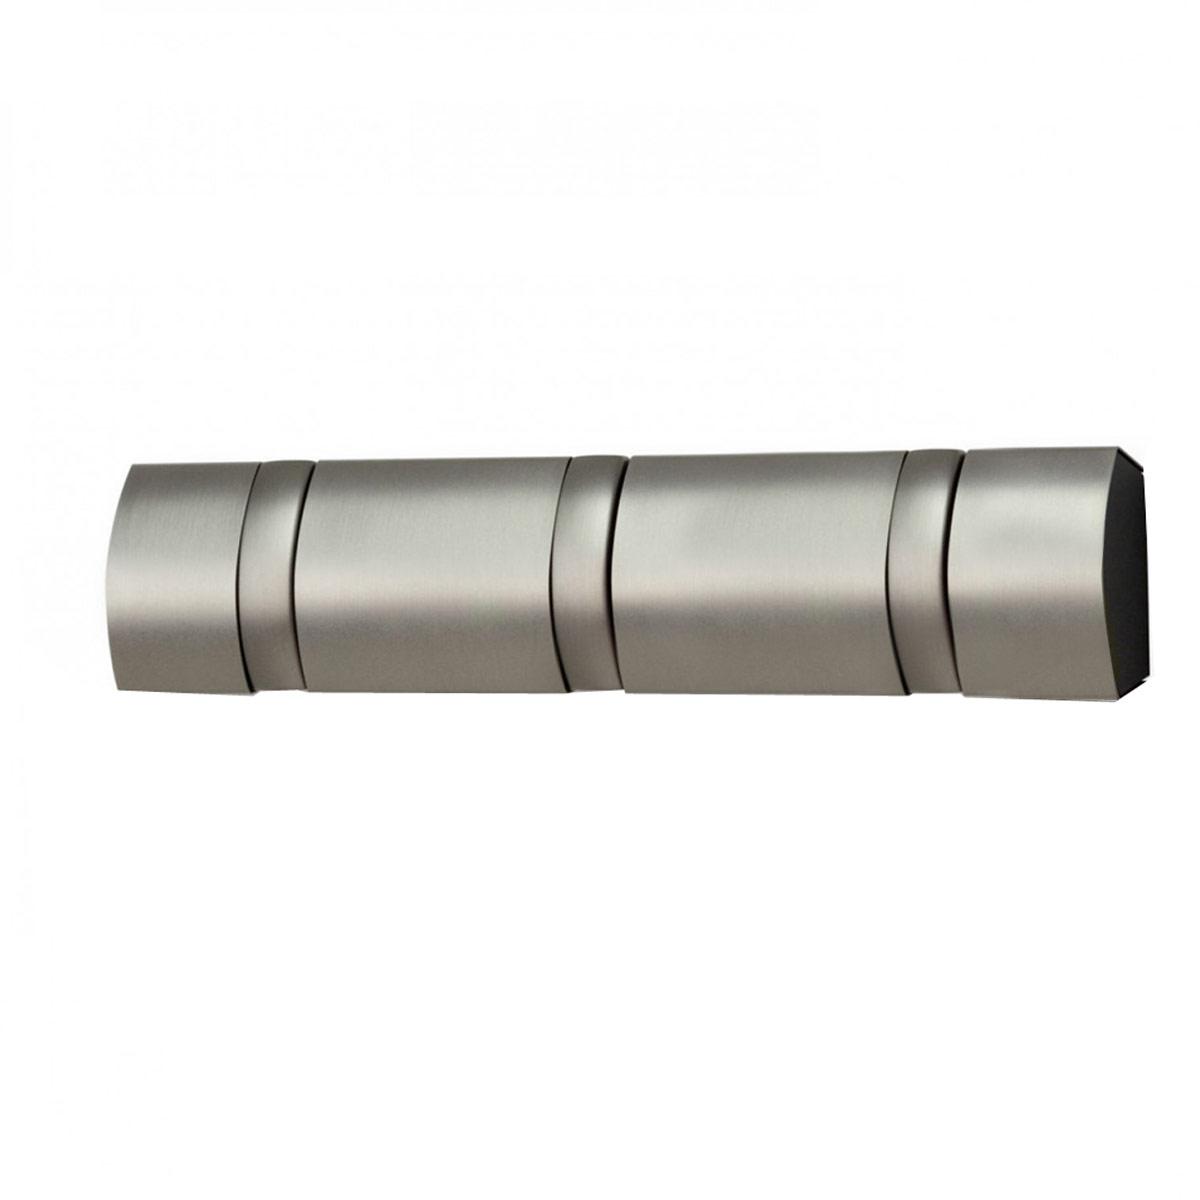 Вешалка настенная Umbra Flip, цвет: металлик, 3 крючка. 318855-410318855-410Настенная вешалка Umbra Flip изготовлена из металла. Имеет 3 откидных крючка из никеля, каждый из которых выдерживает вес до 2,3 кг. Когда они не используются, то складываются, превращая конструкцию в абсолютно гладкую поверхность. Идеально для маленьких прихожих и ограниченных пространств. Стильная и прочная вешалка интересной формы. Необходимые крепления вешалки к стене в комплекте.